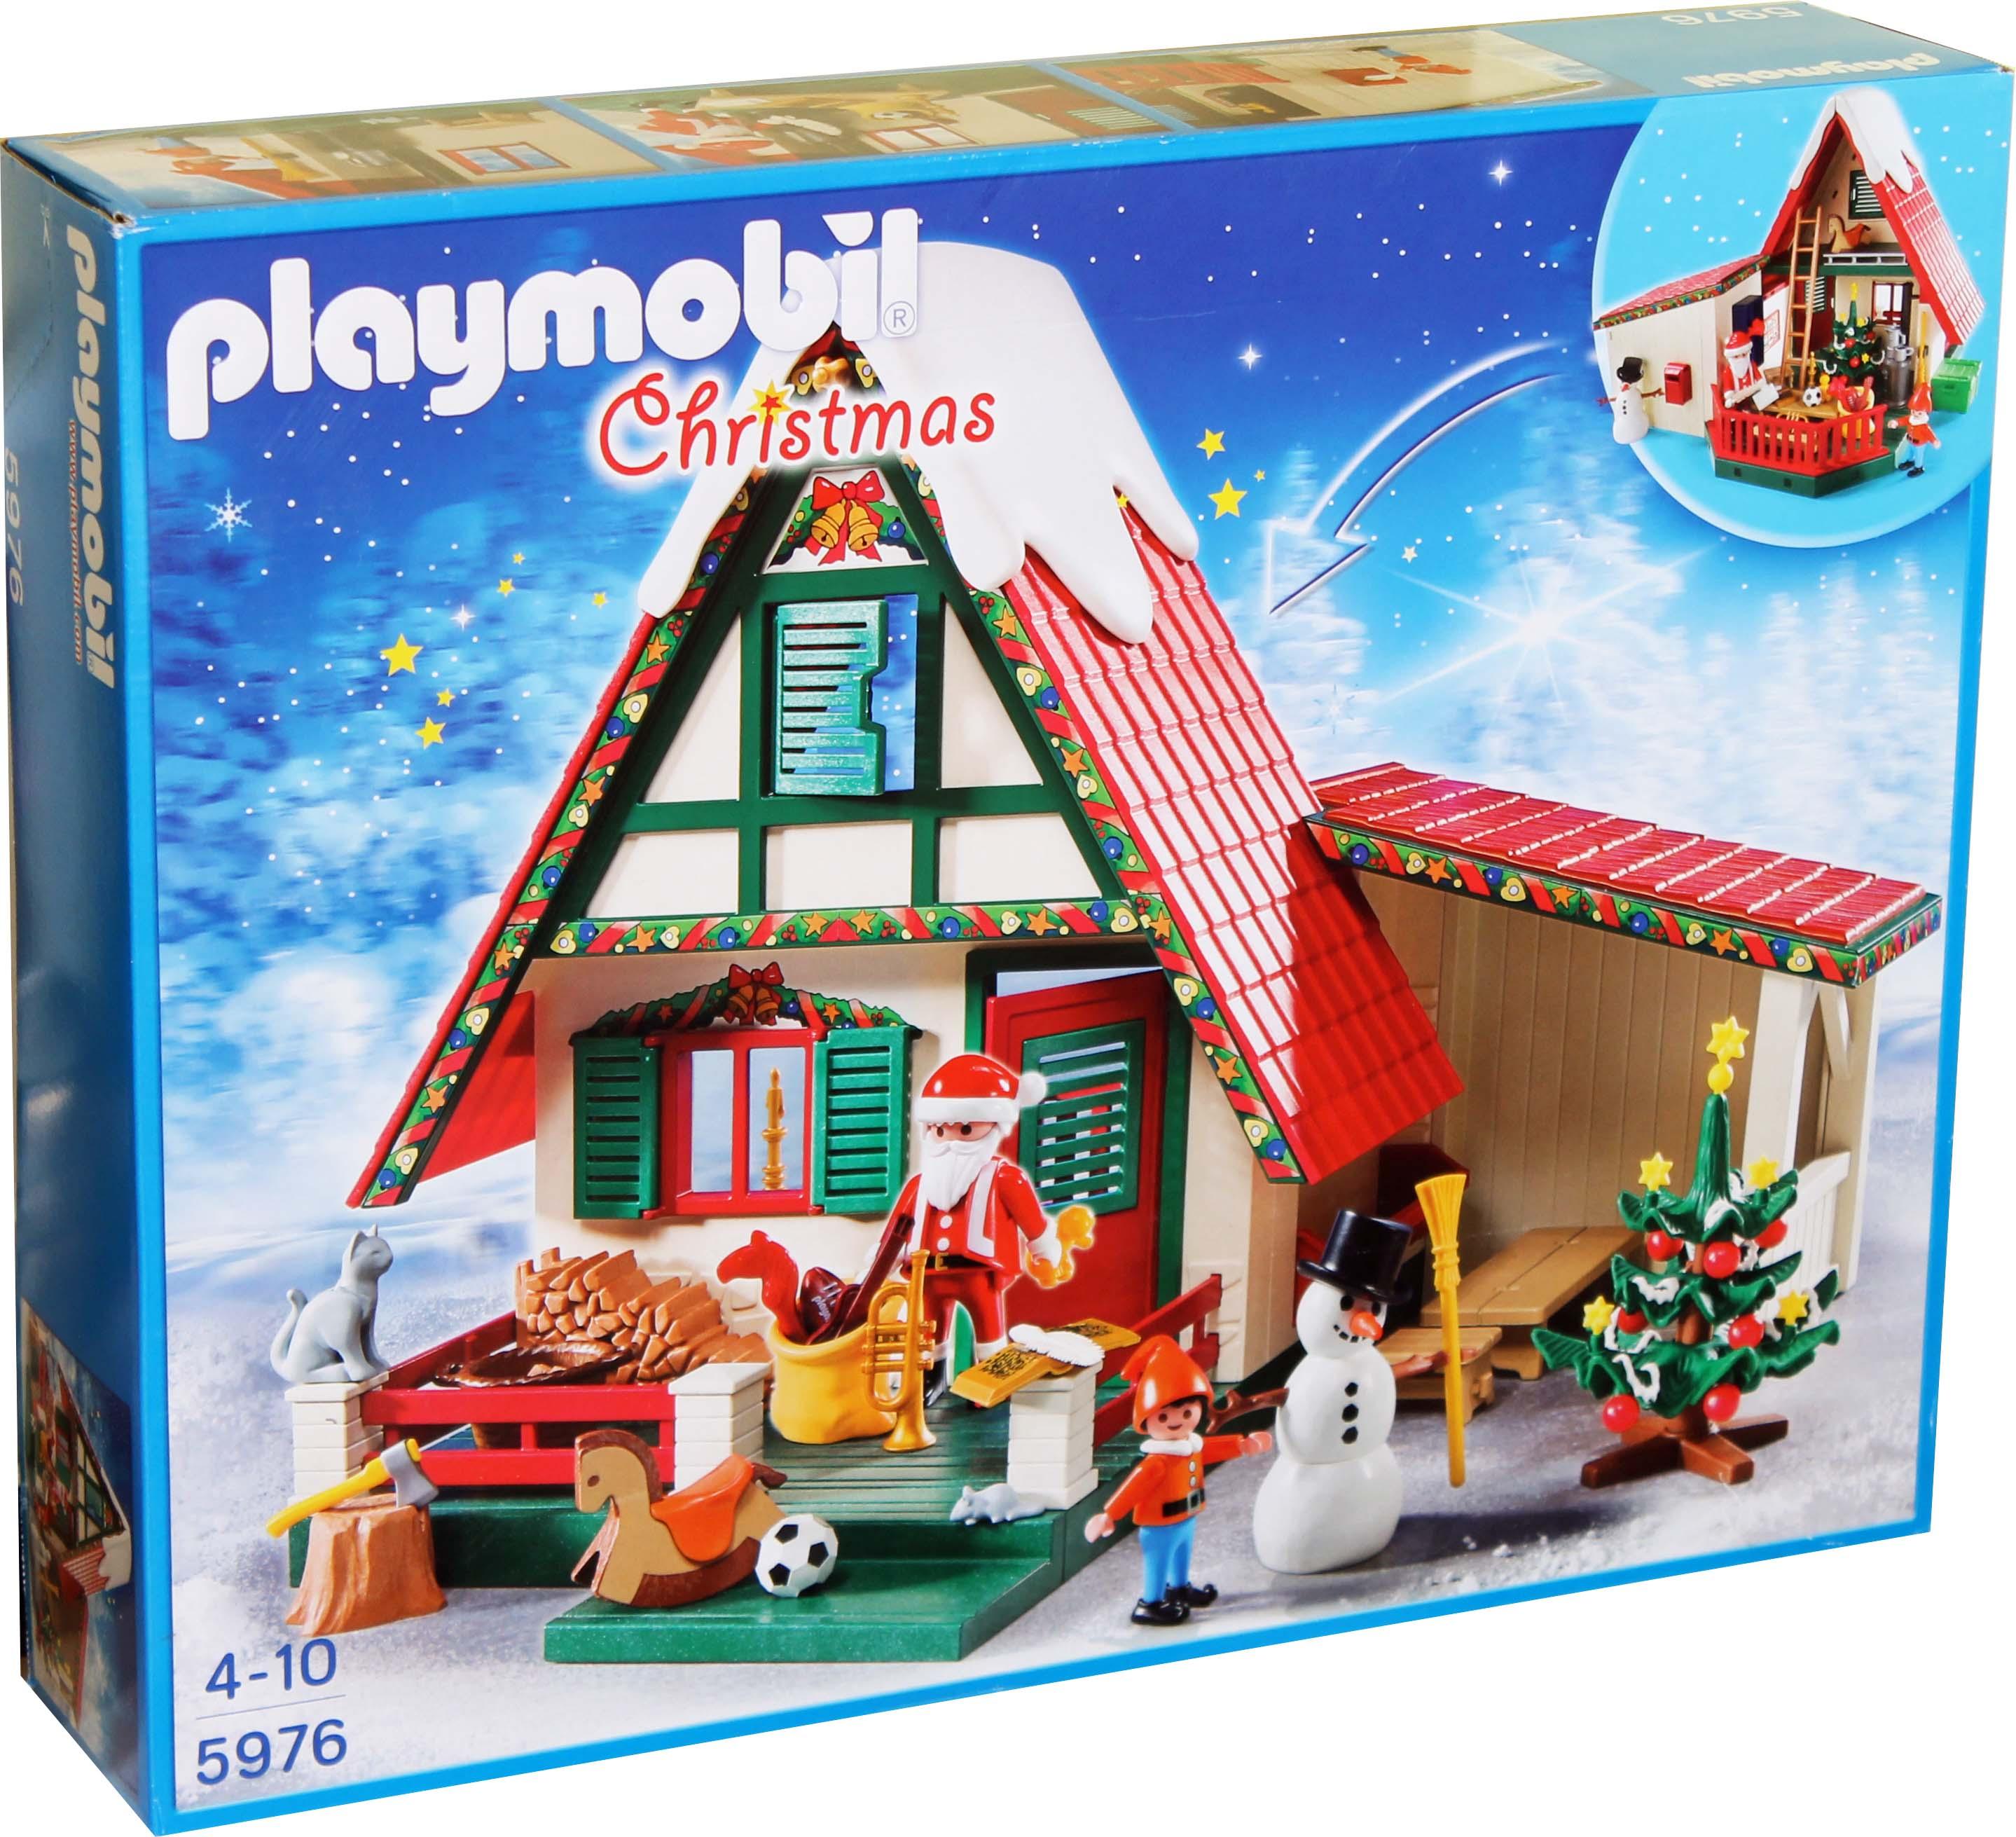 playmobil 5976 zuhause beim weihnachtsmann weihnachten neu. Black Bedroom Furniture Sets. Home Design Ideas